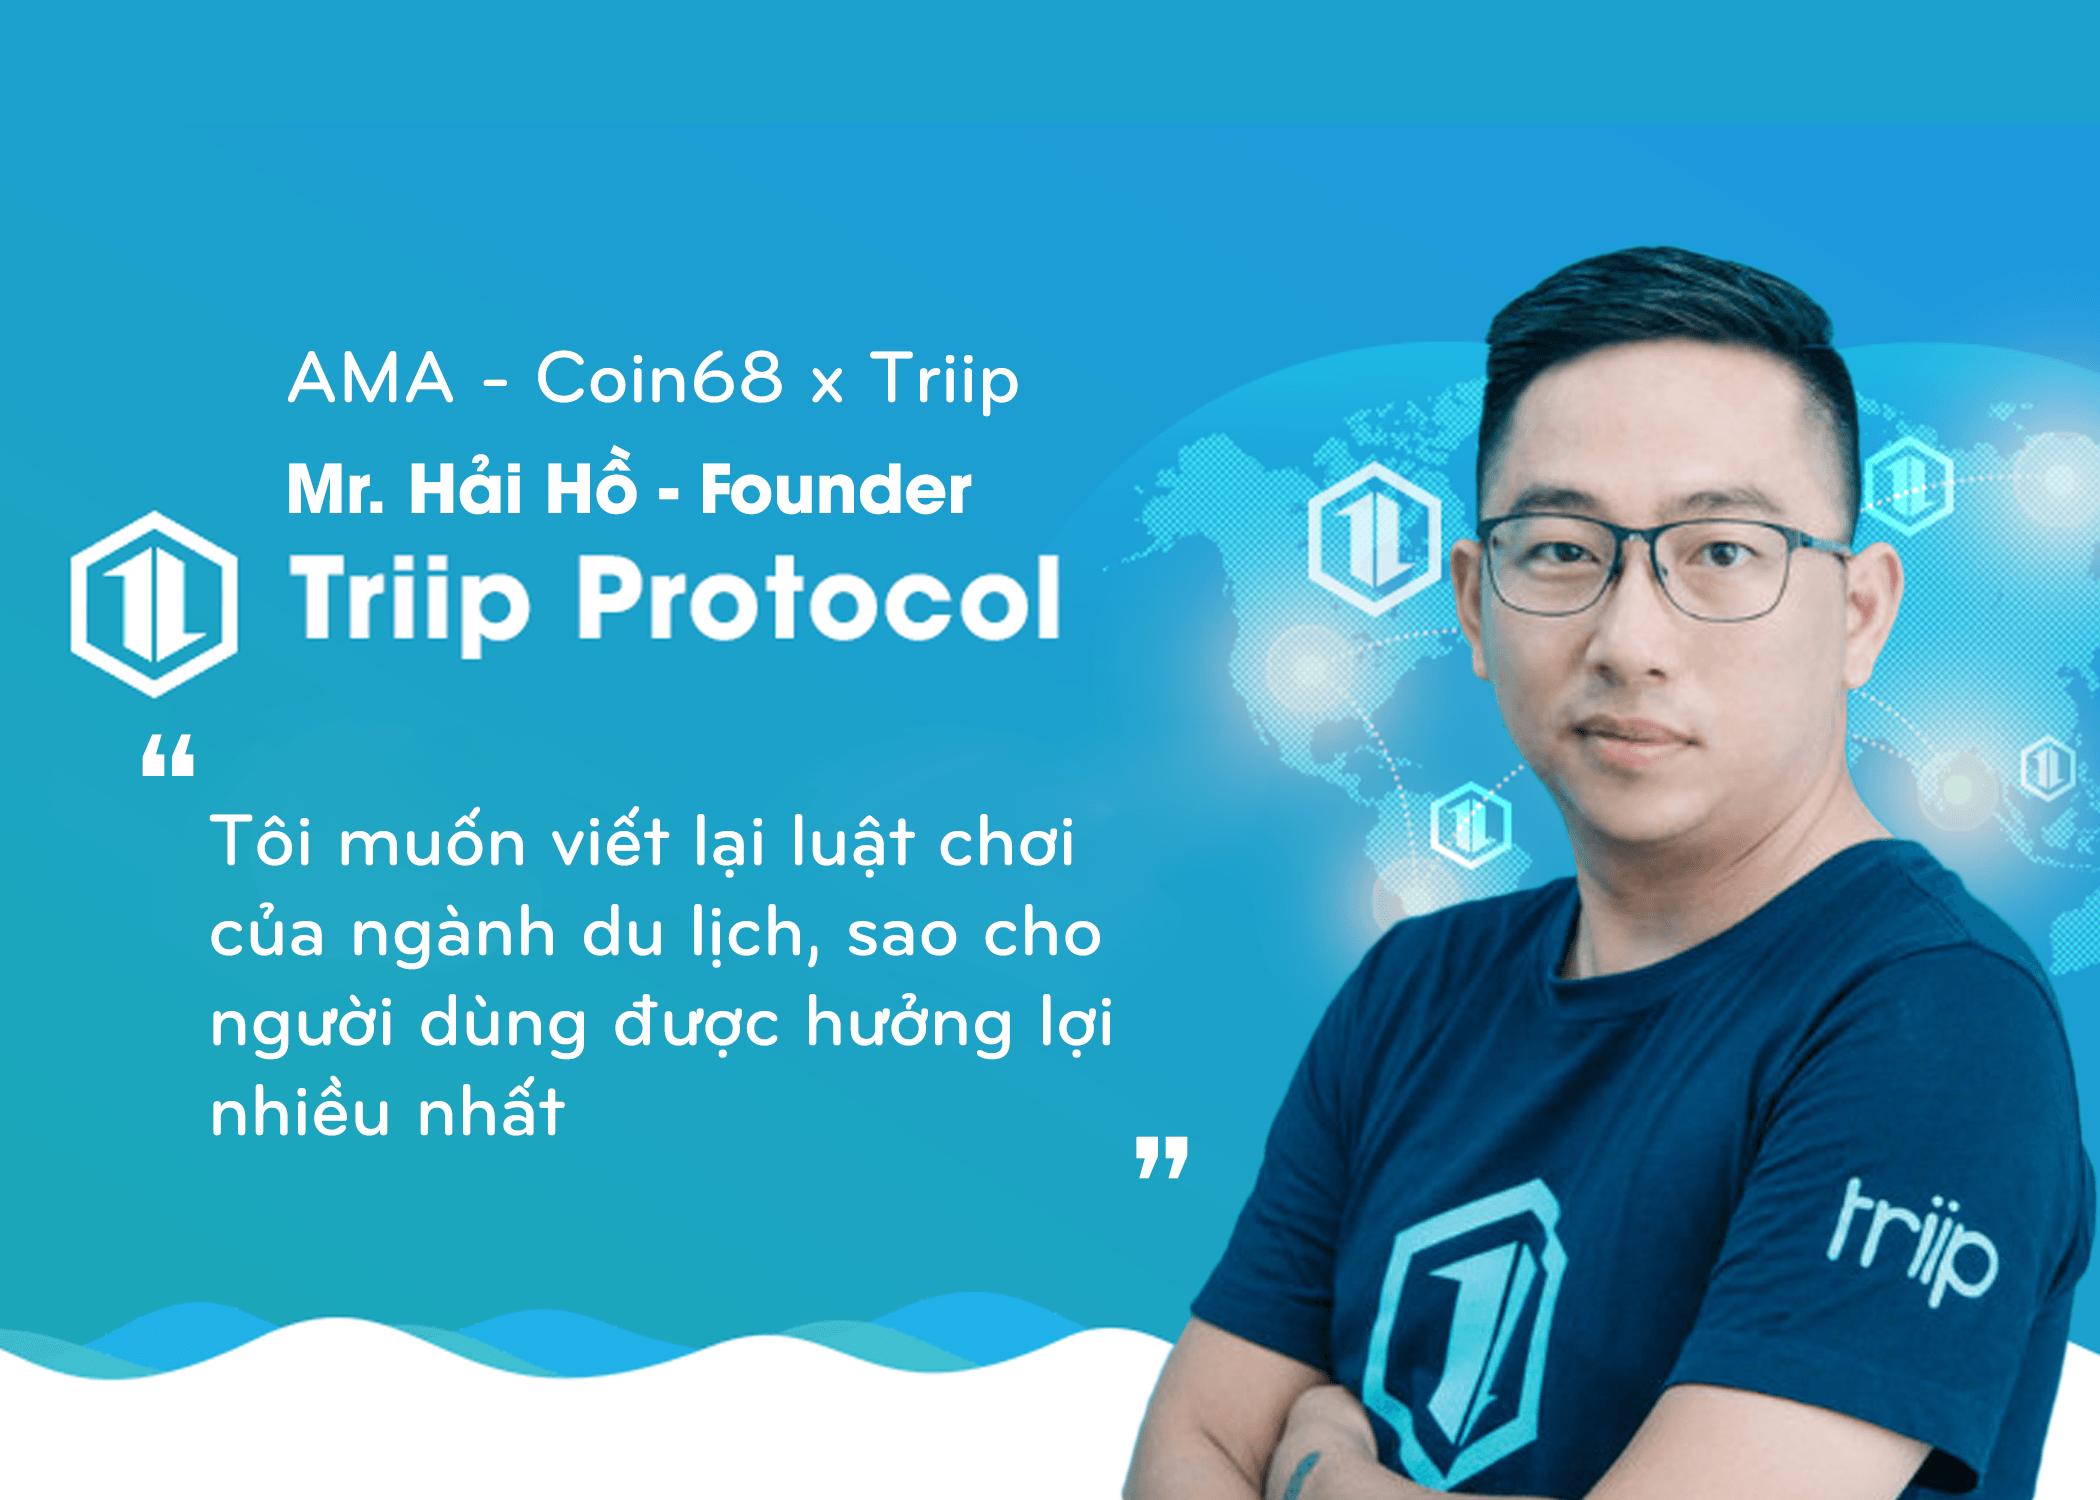 giá bitcoin: AMA cùng CEO Hải Hồ: Triip và con đường viết lại luật chơi cho ngành du lịch bằng Blockchain